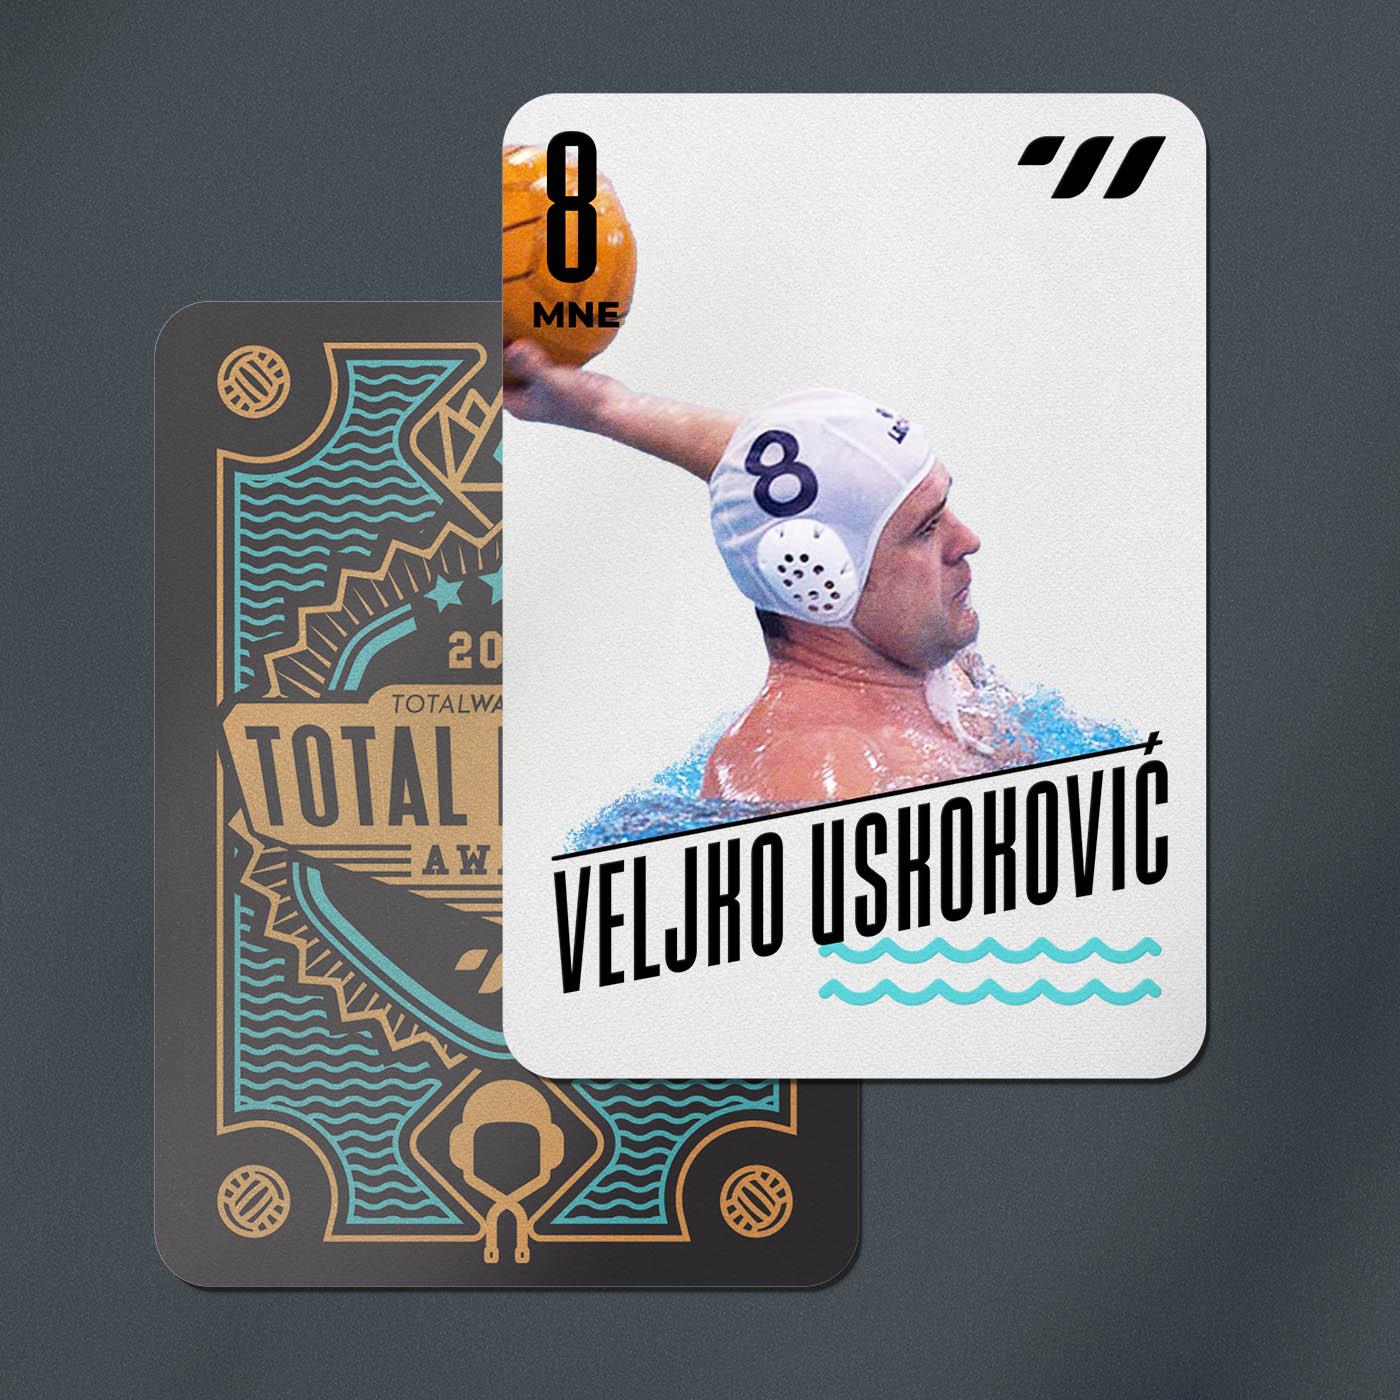 RIGHT SIDE - Veljko Uskokovic (MNE)